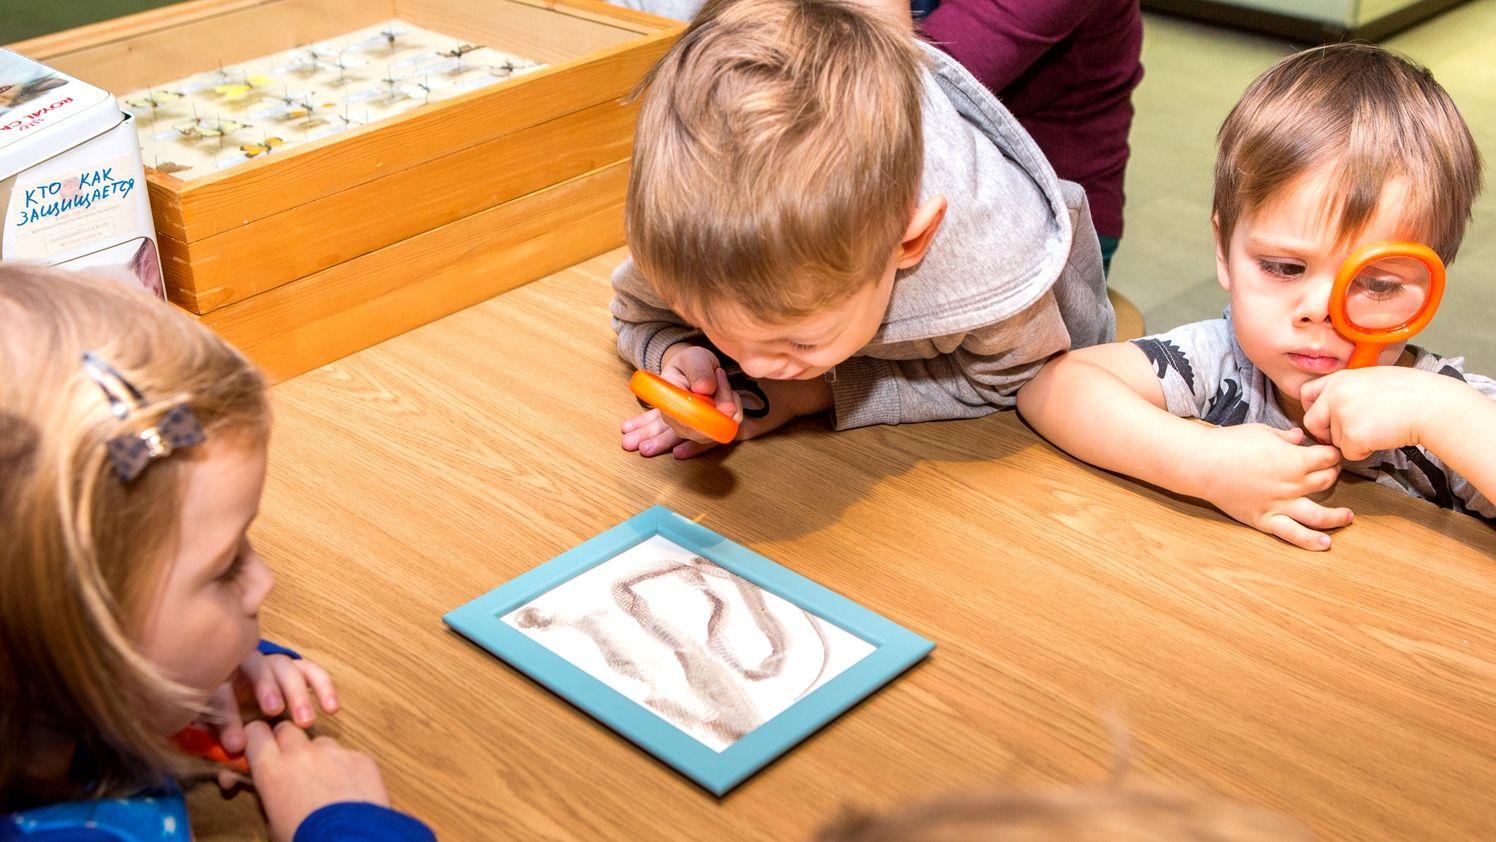 Праздник для любознательных детей проведут в Дарвиновском музее